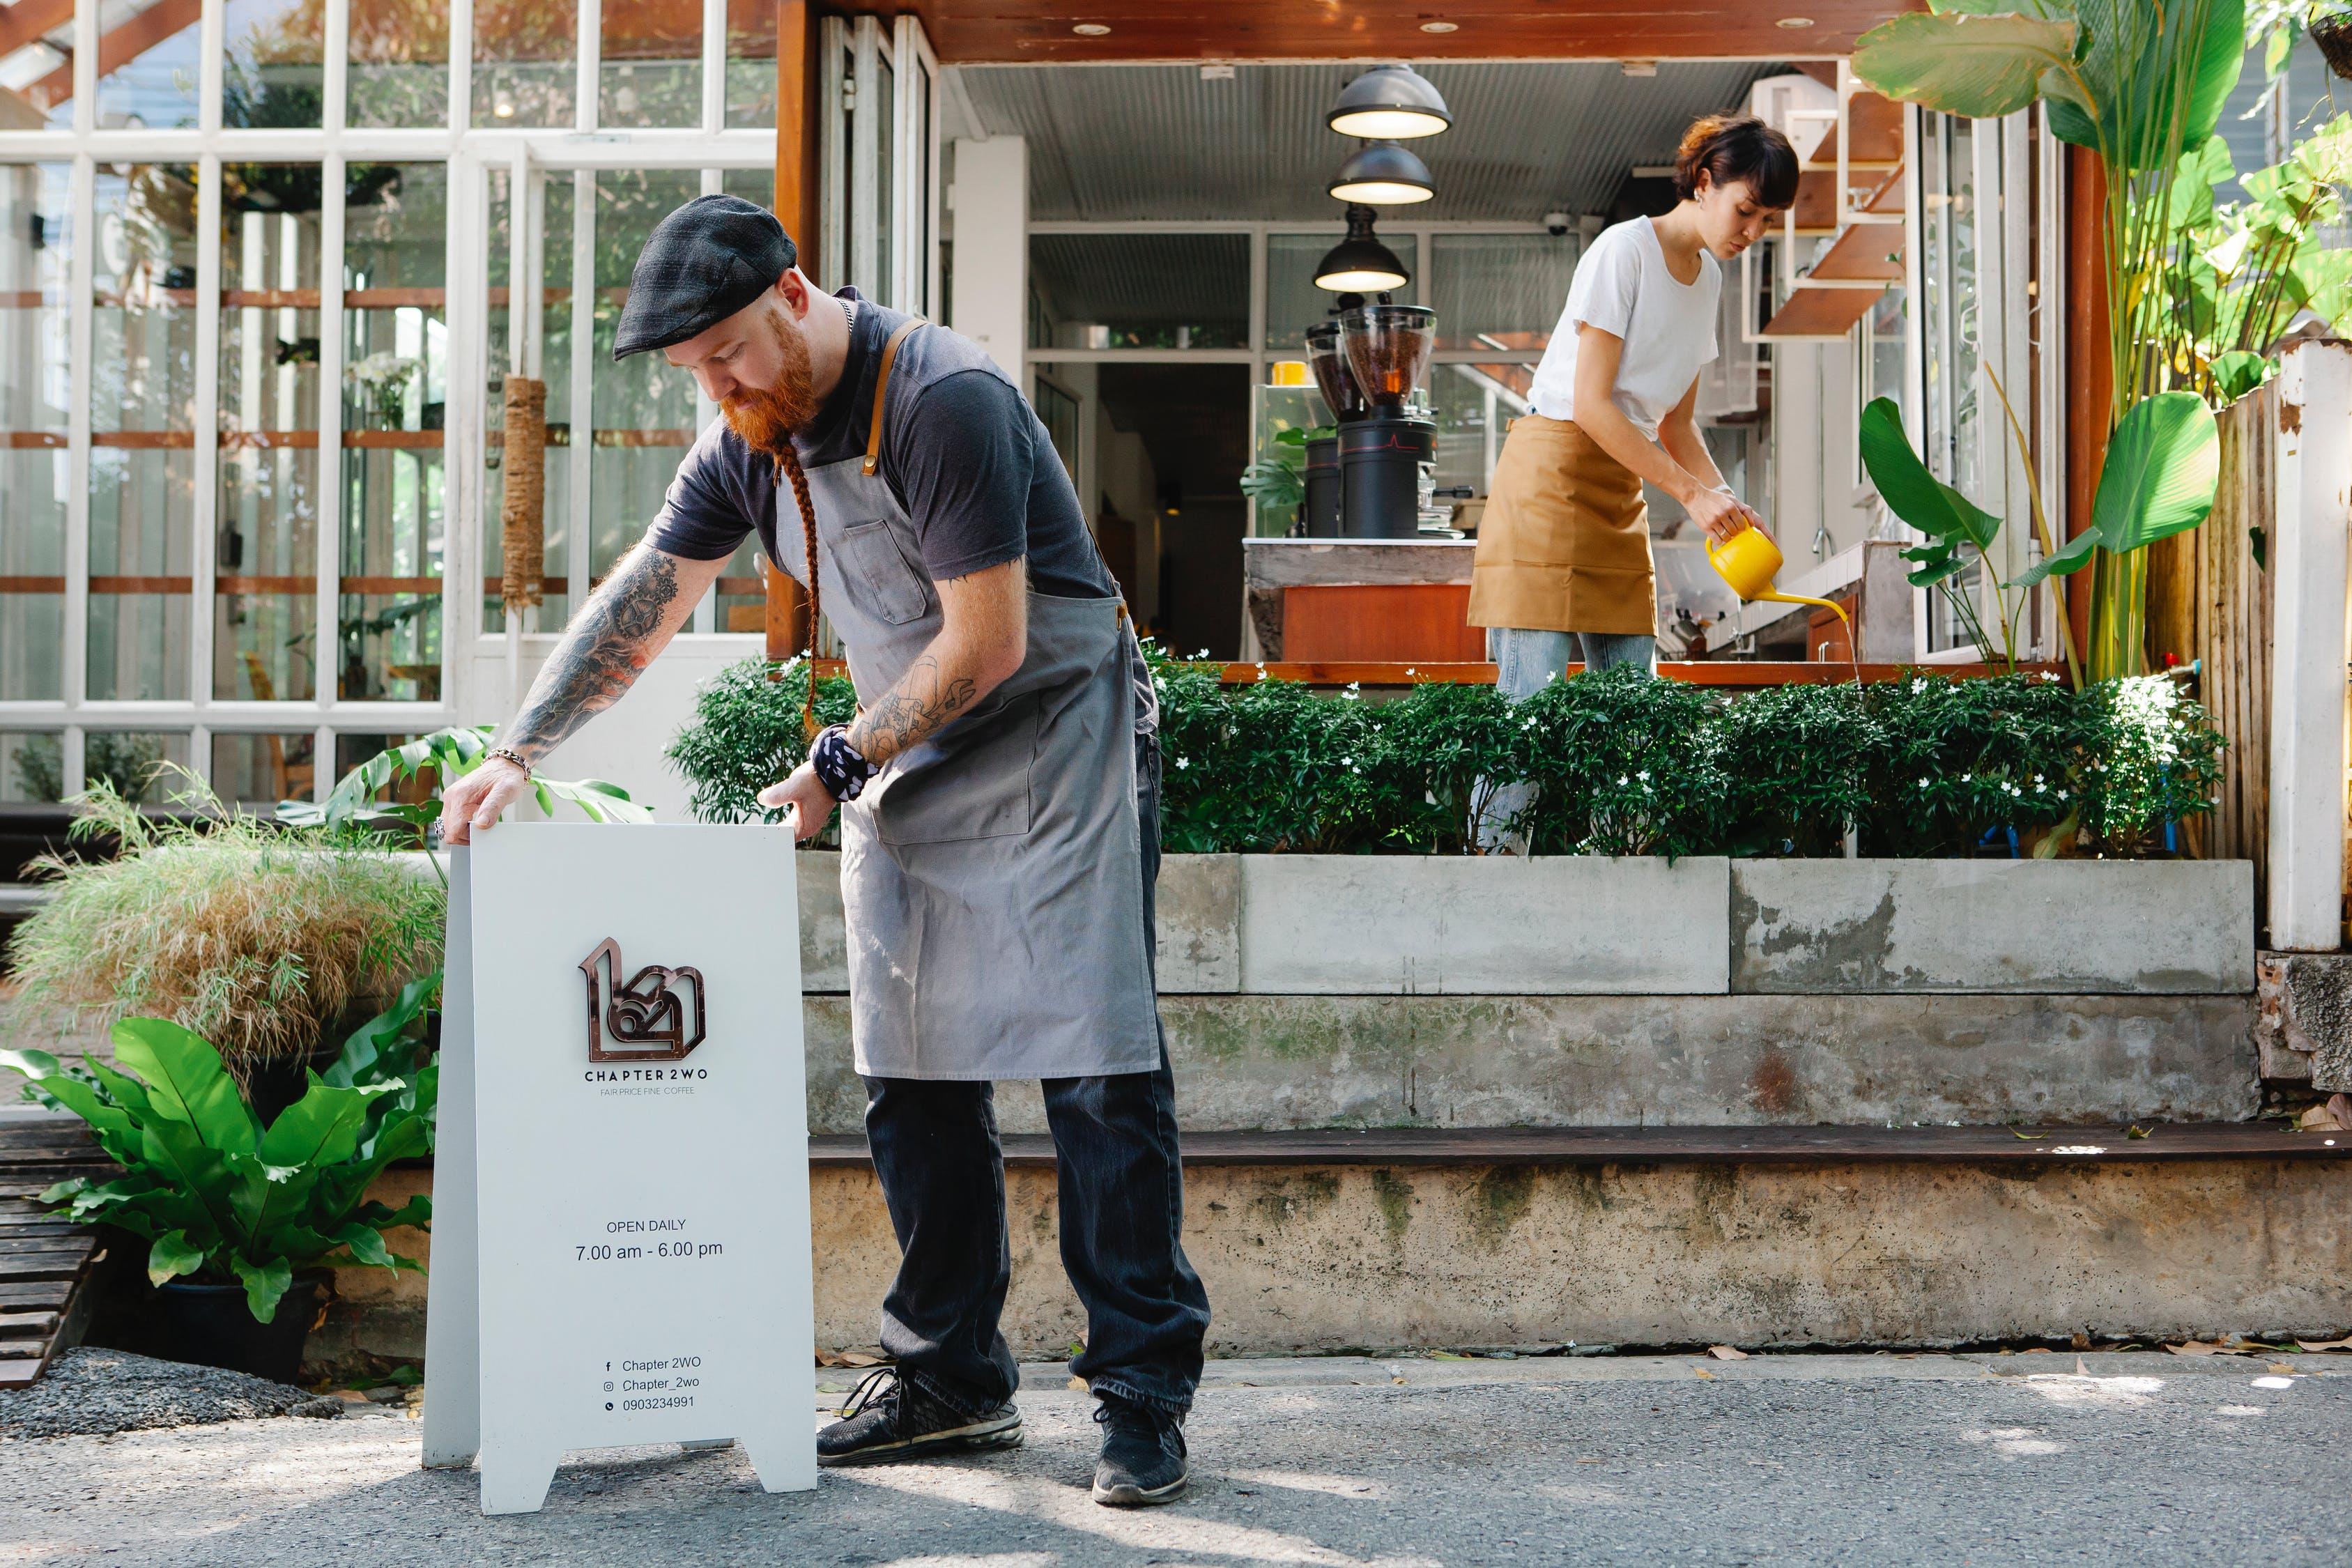 Den letteste måde at få et job på under genåbningen af Danmark